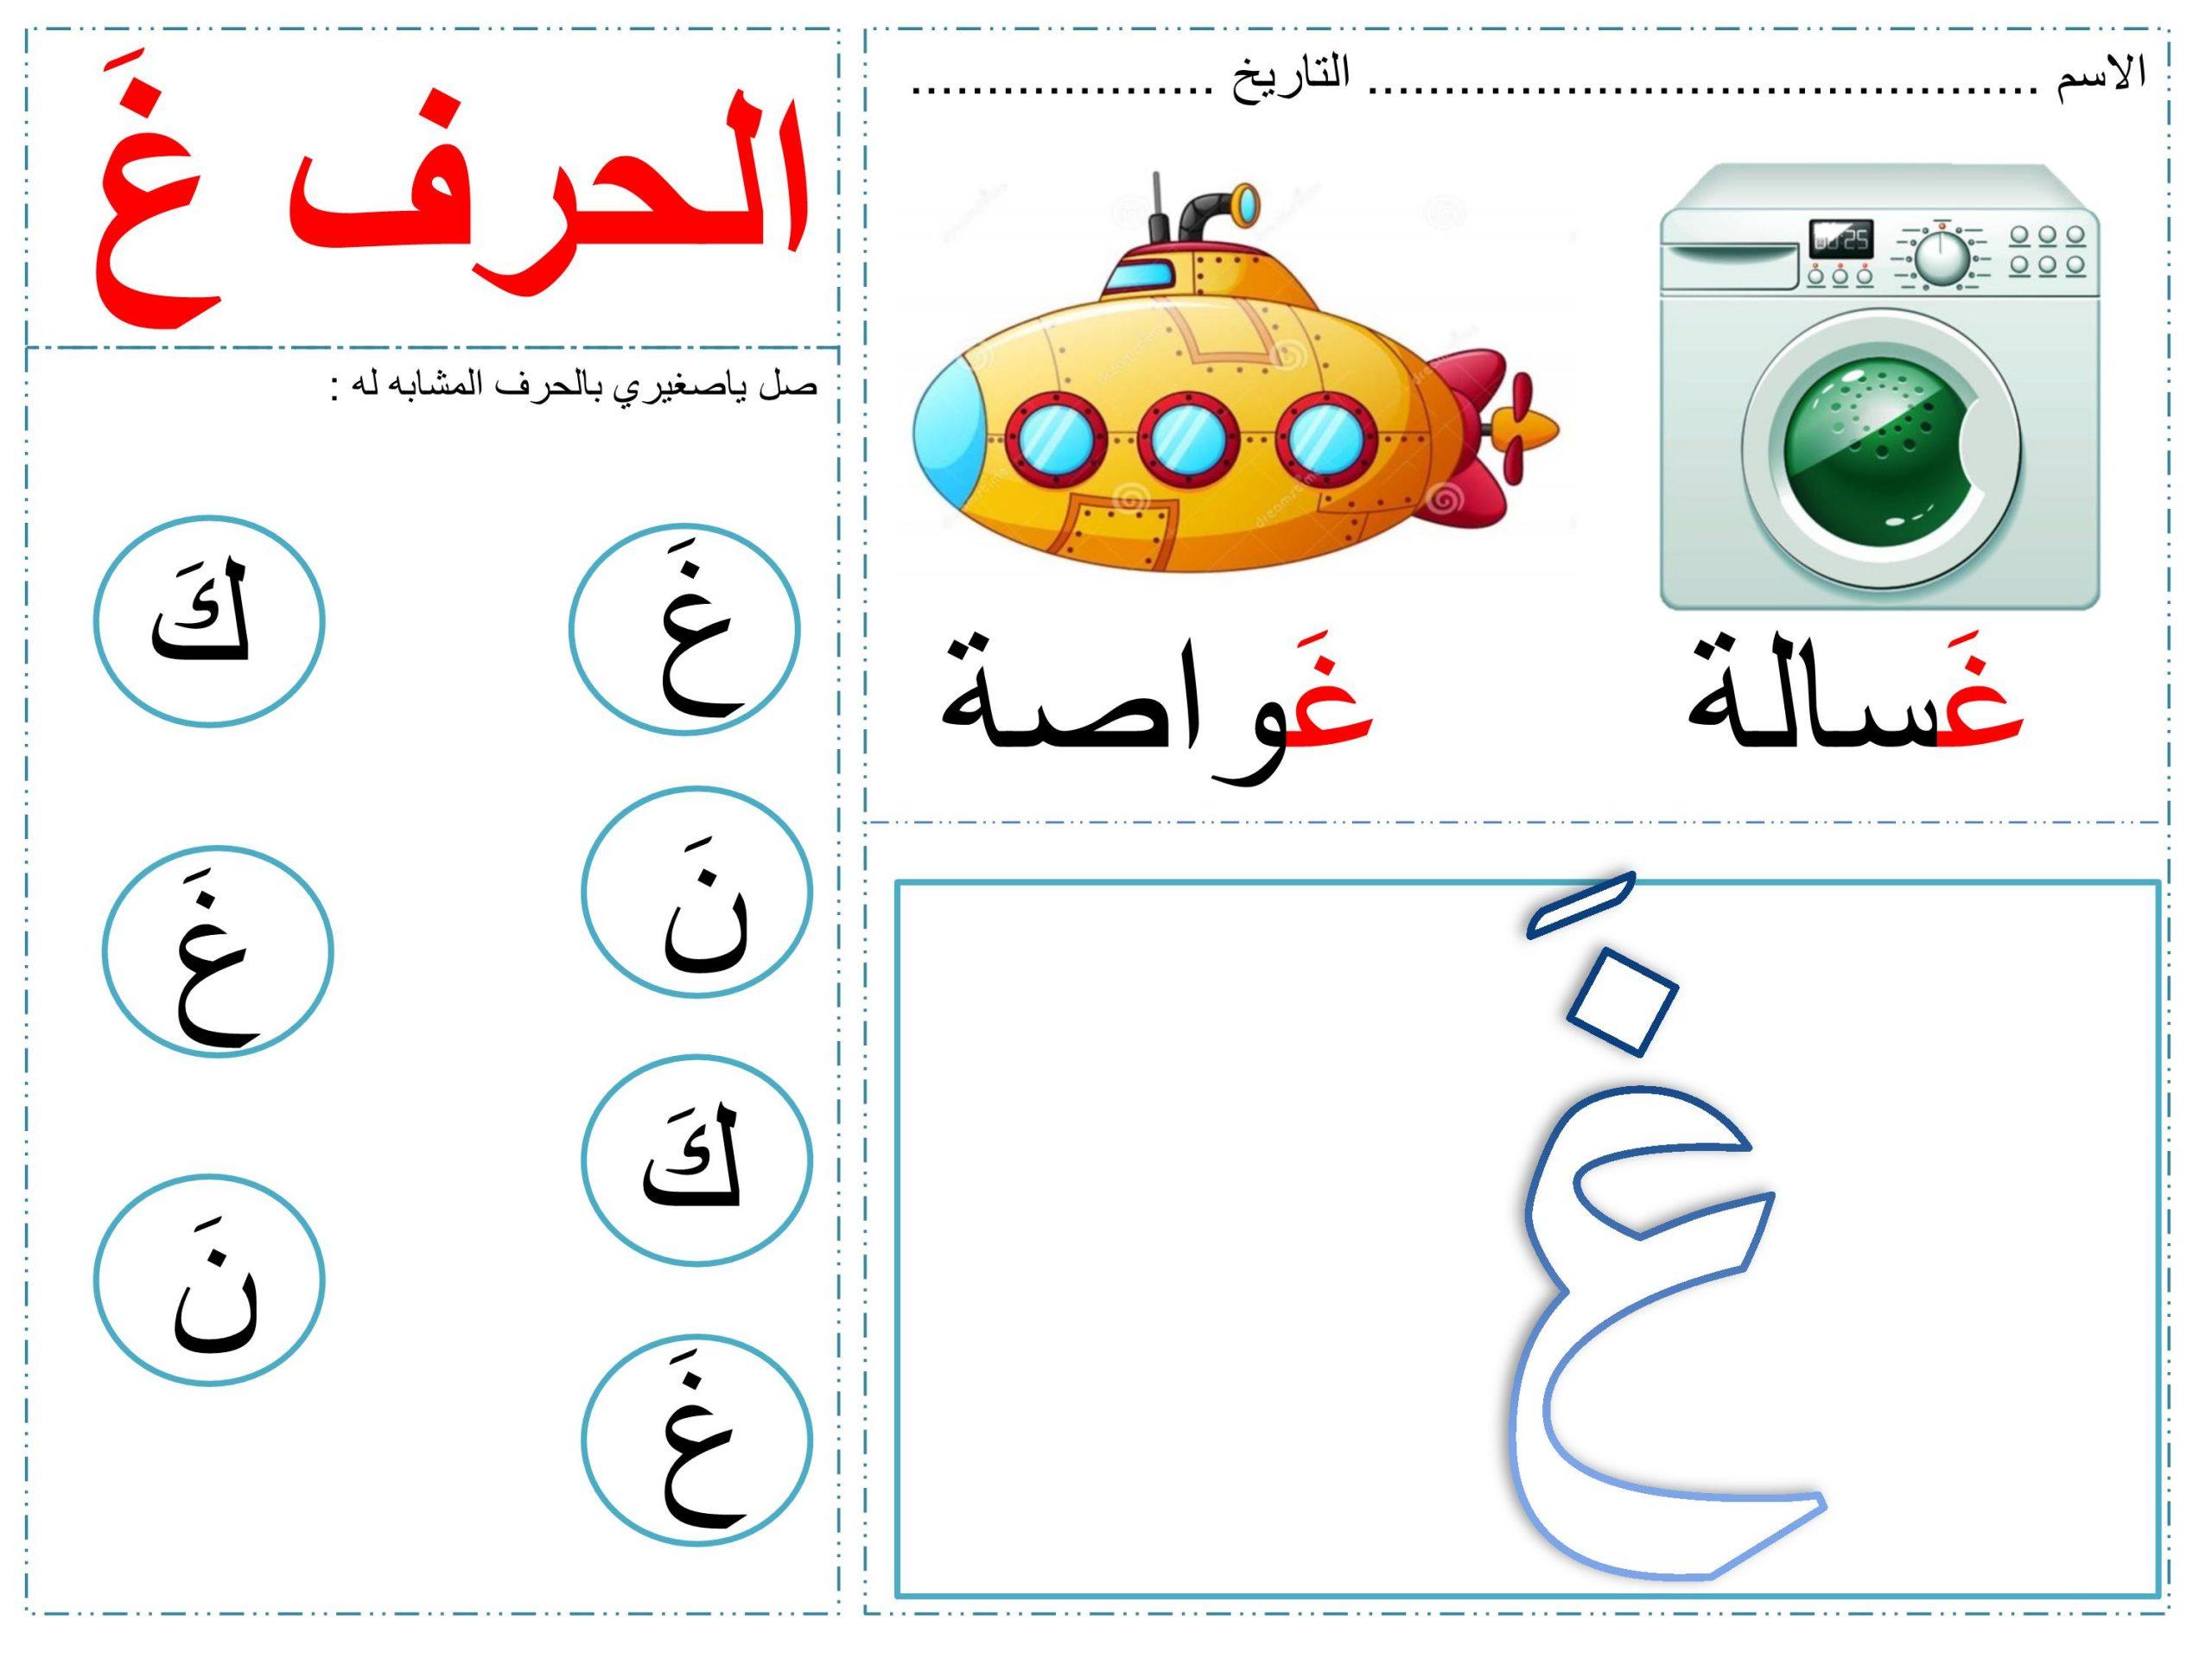 بطاقة حرف الغين مع حرف مفرغ للتلوين حروفي